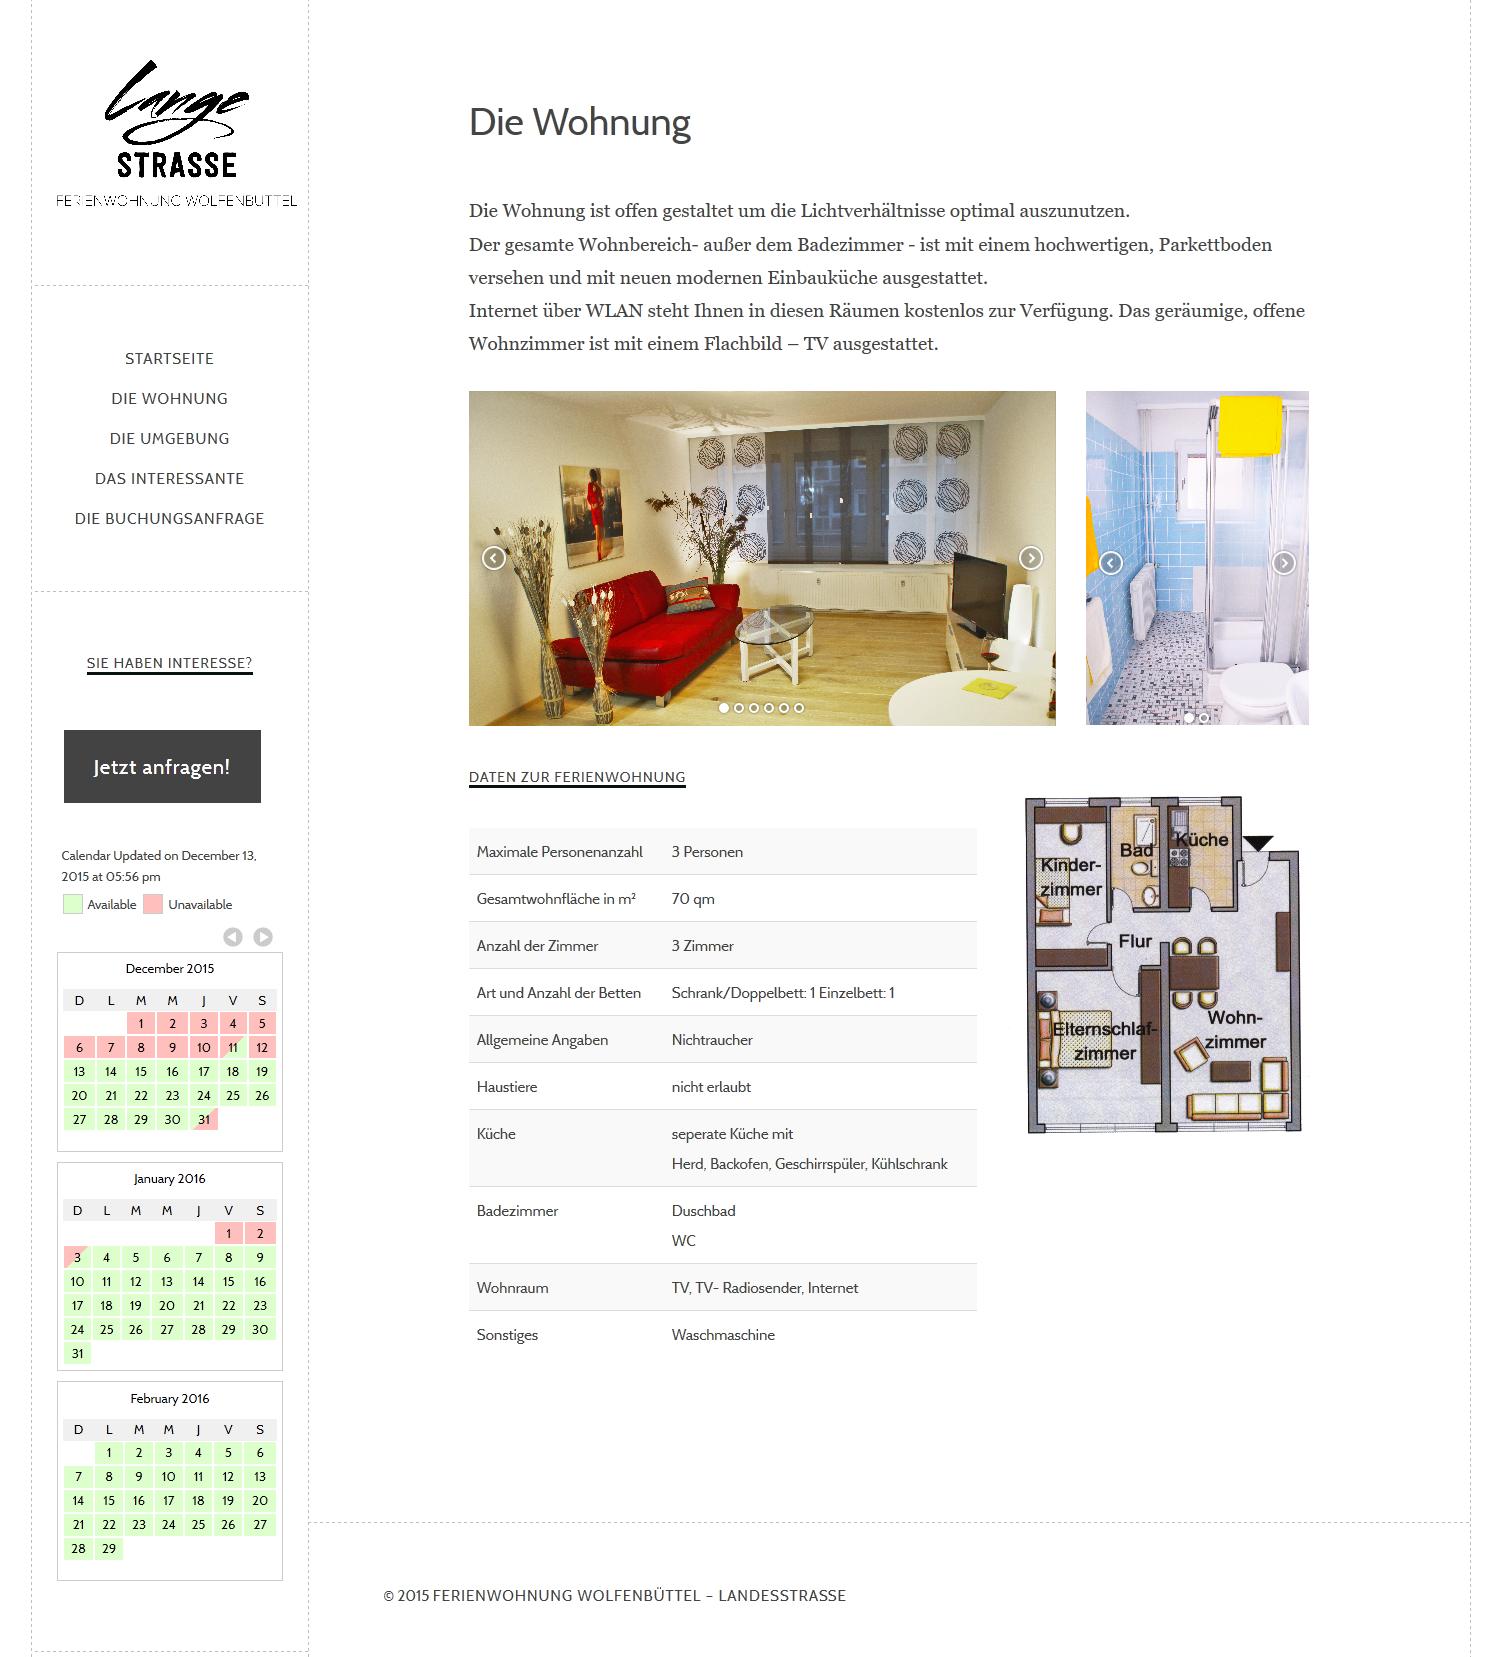 Ferienwohnung - WordPress - Webdesign